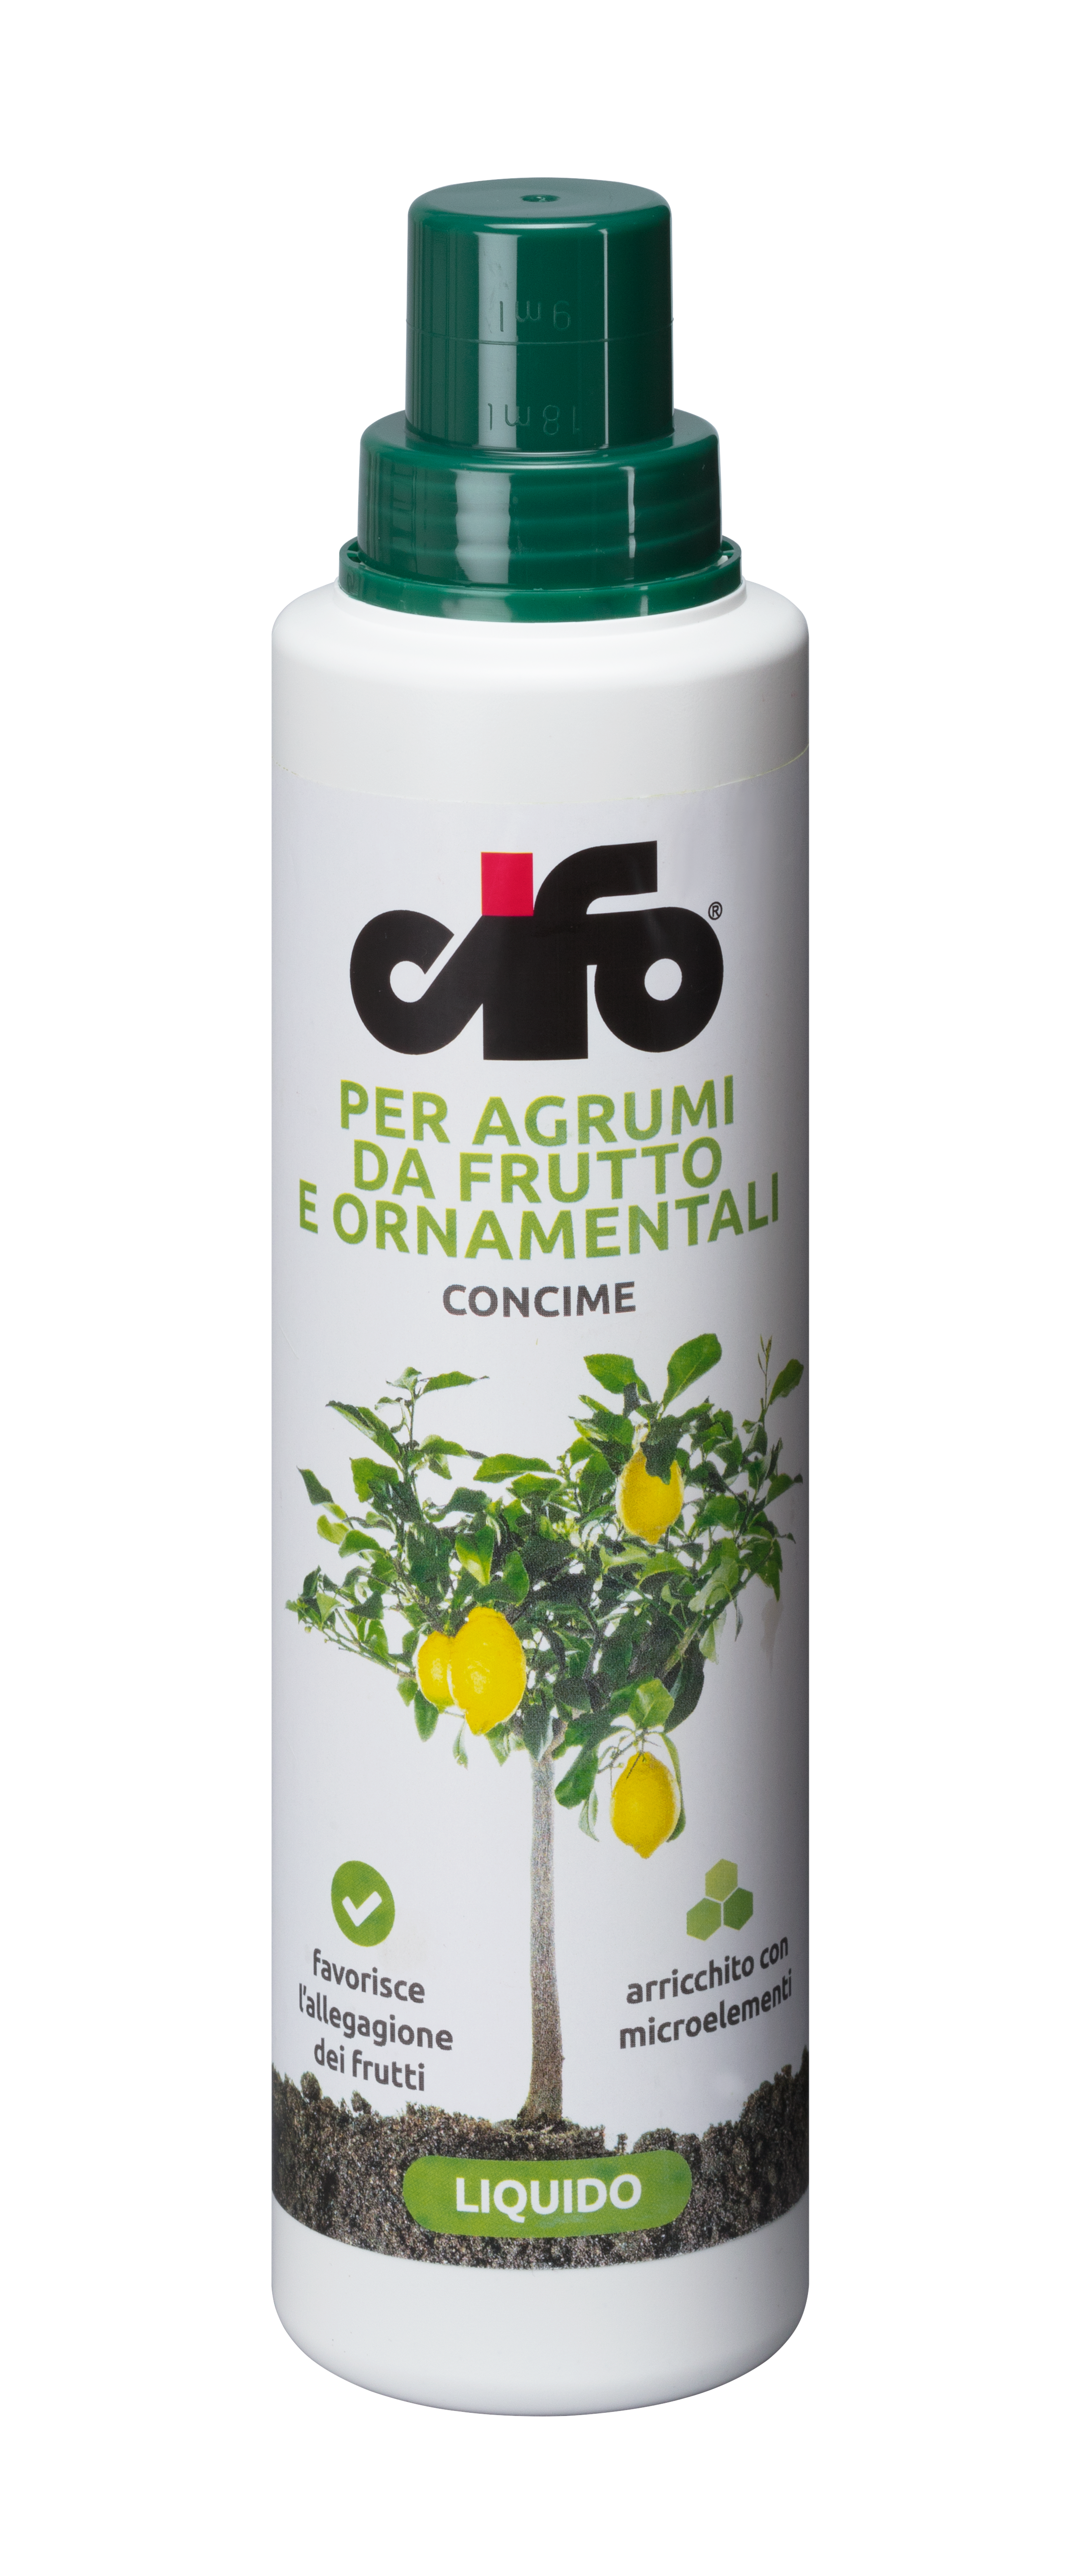 Concime liquido per agrumi cifo for Acquistare piante di agrumi